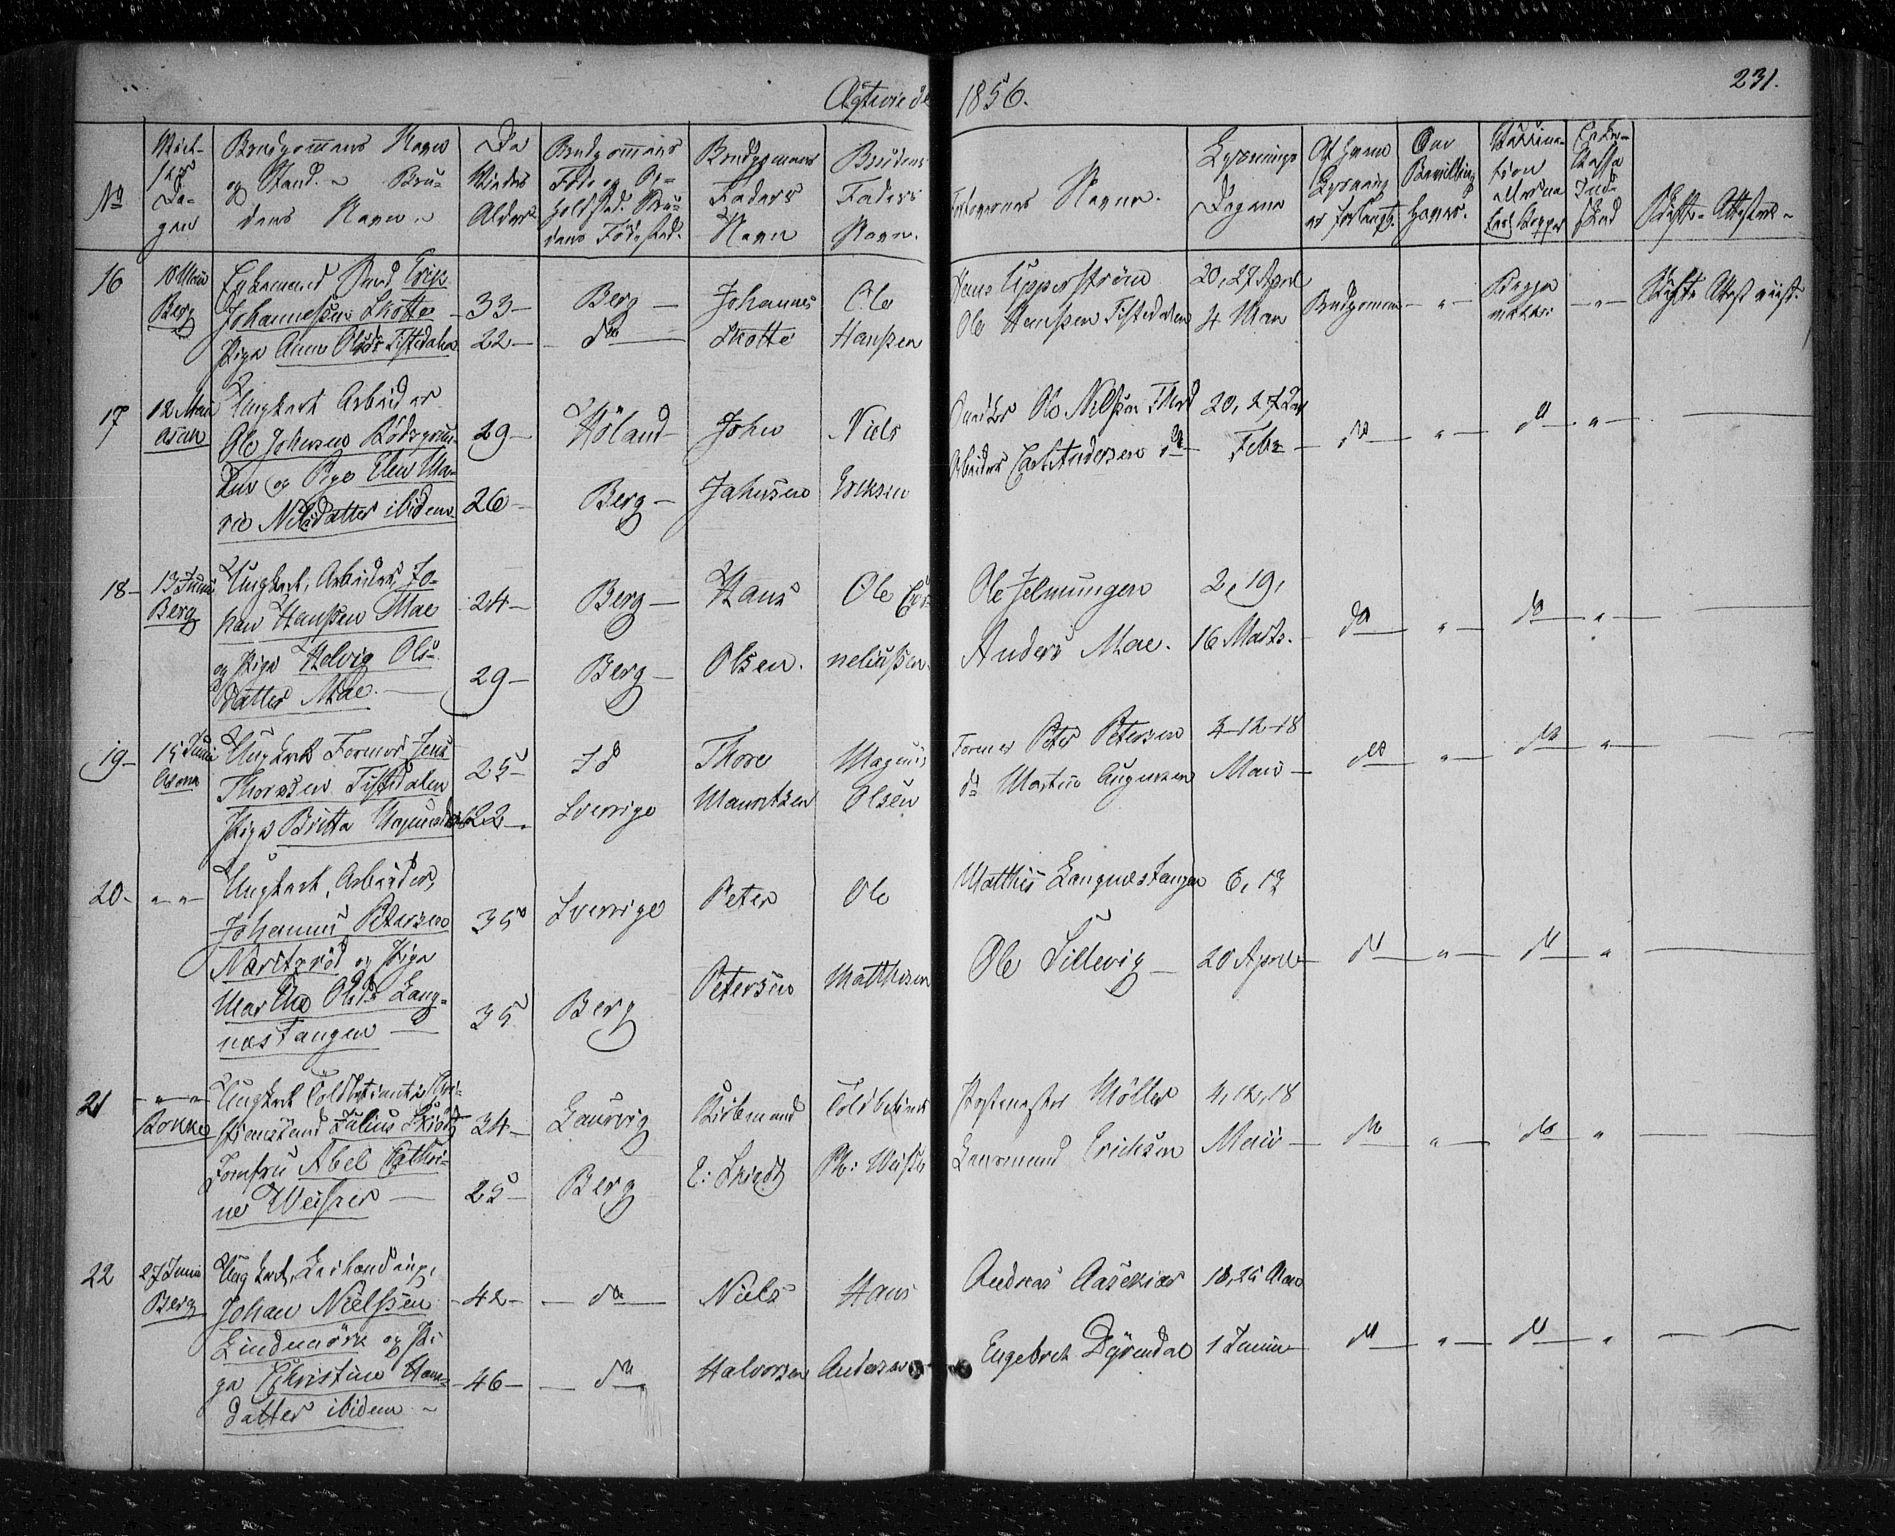 SAO, Berg prestekontor Kirkebøker, F/Fa/L0004: Ministerialbok nr. I 4, 1843-1860, s. 231